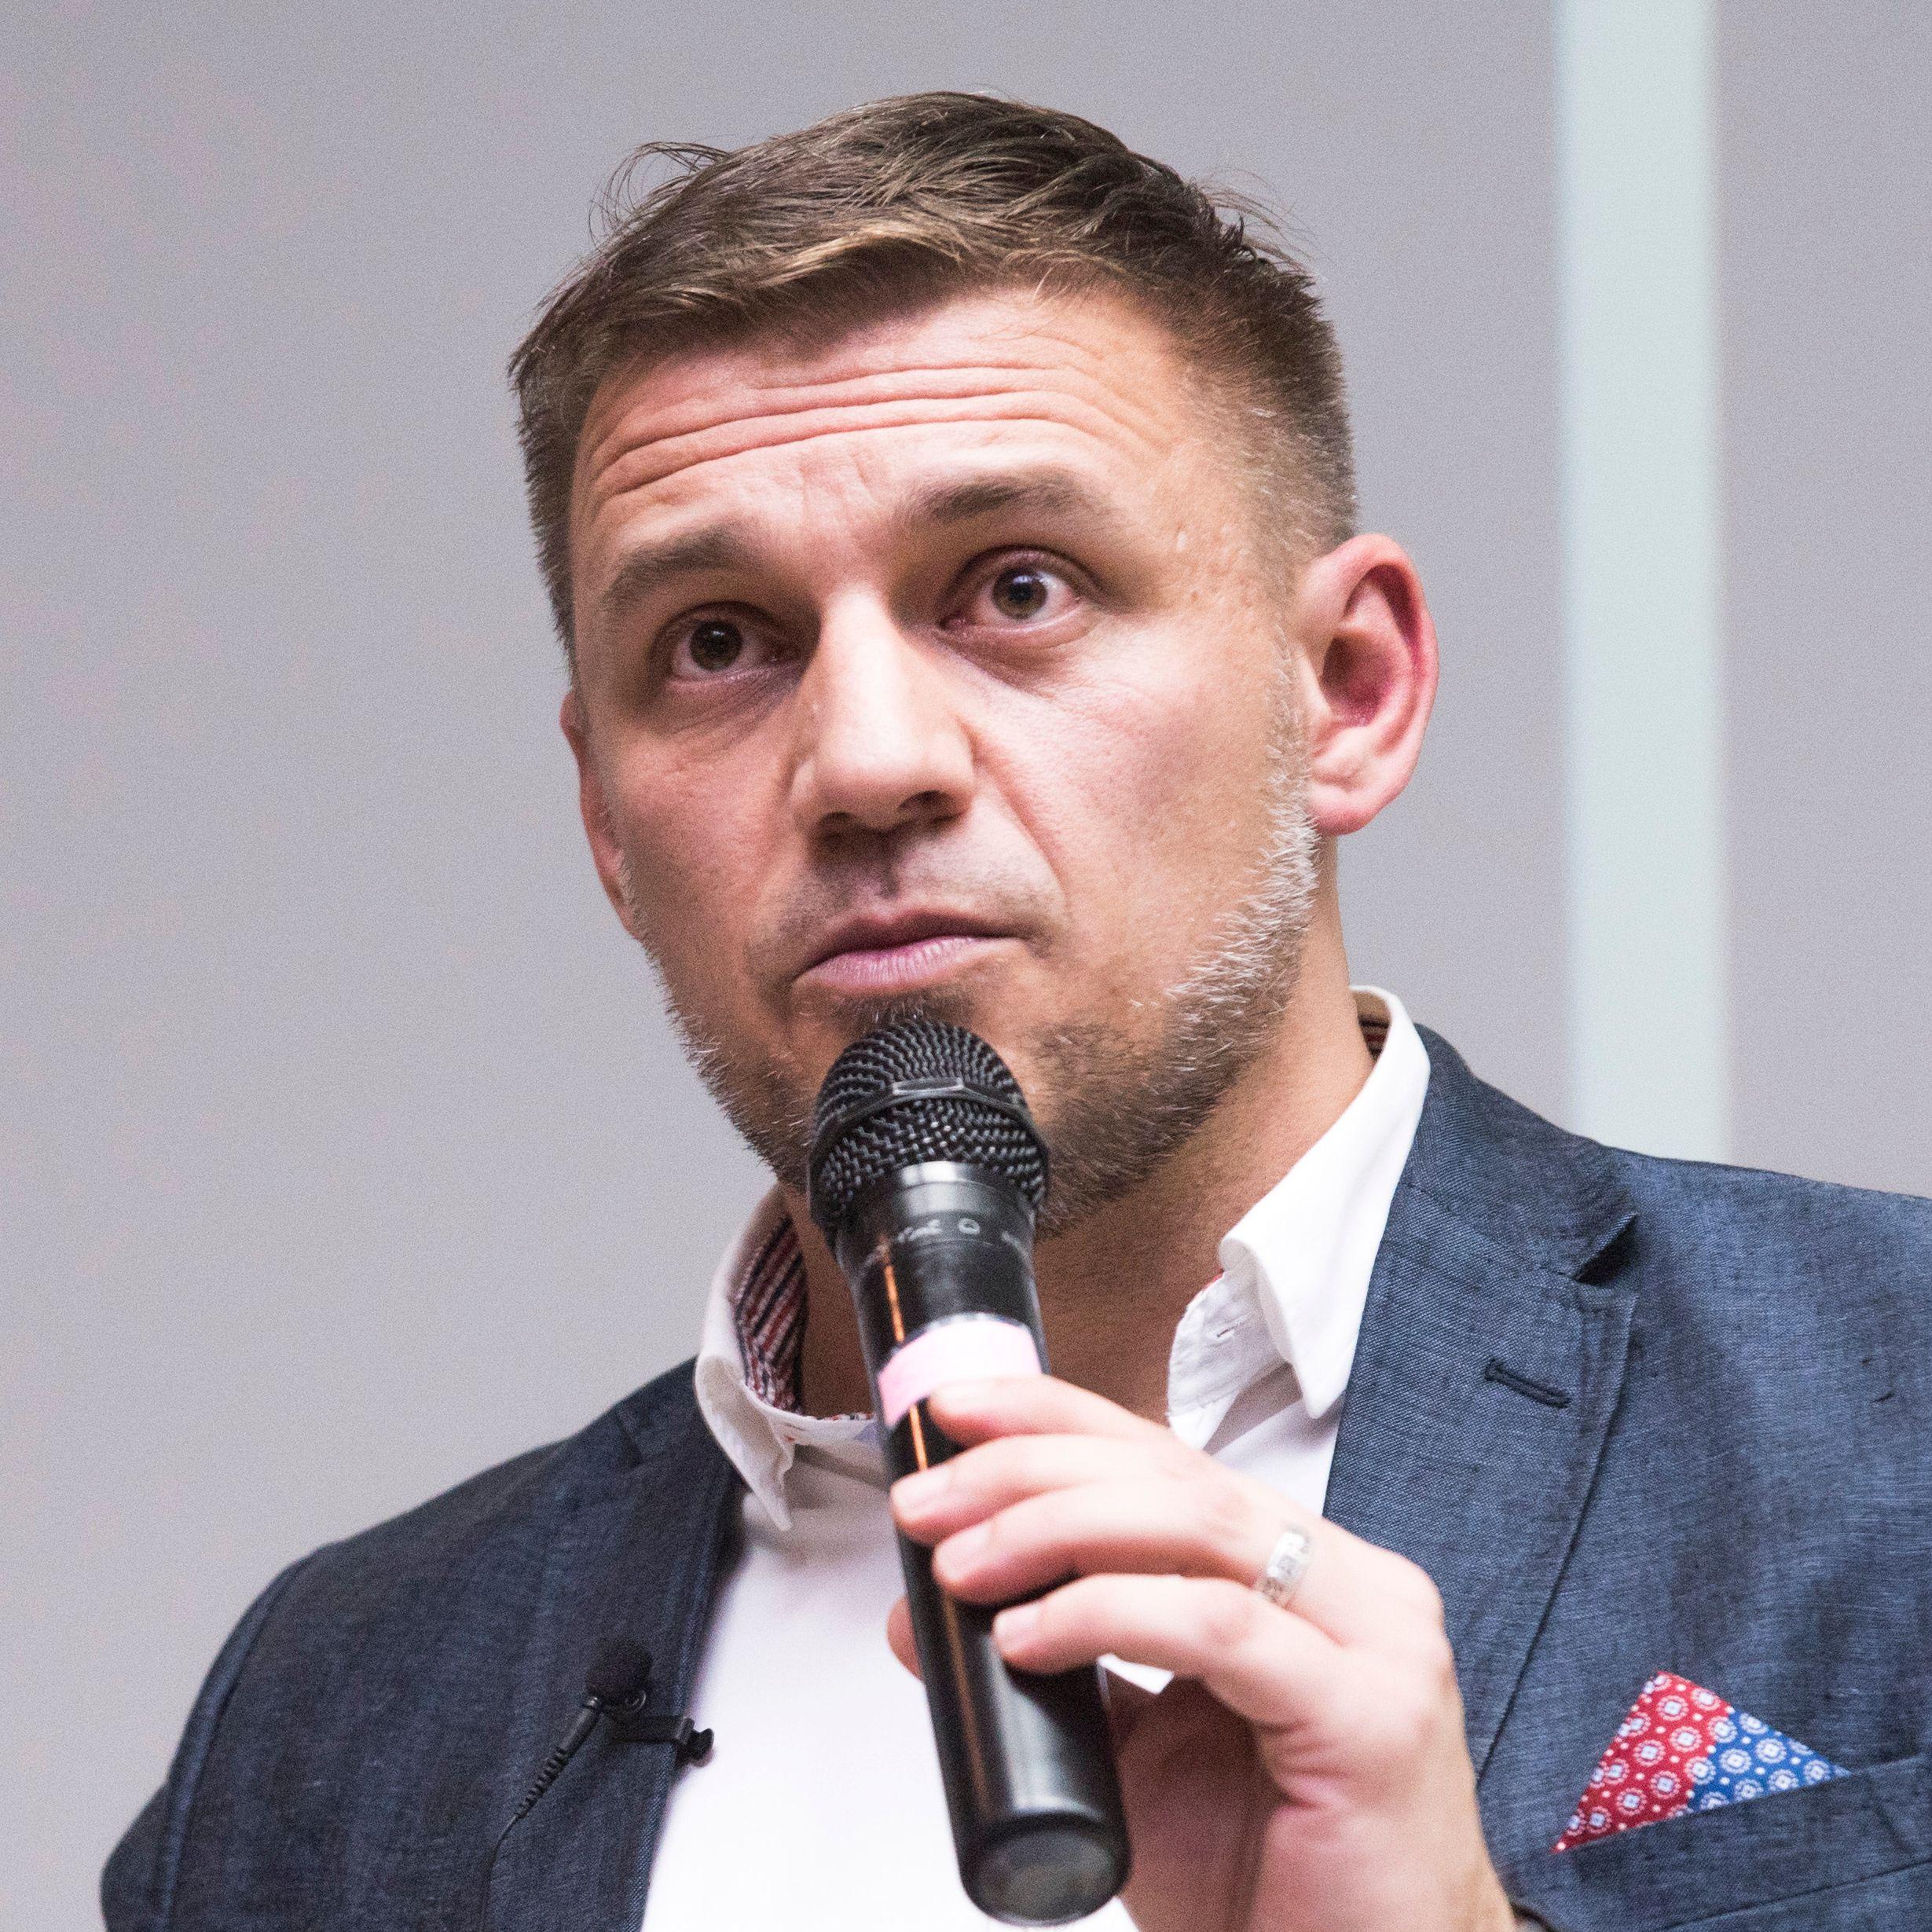 Kapitan-prezes - czyli rzecz o byciu liderem - dr Marcin Kochanowski